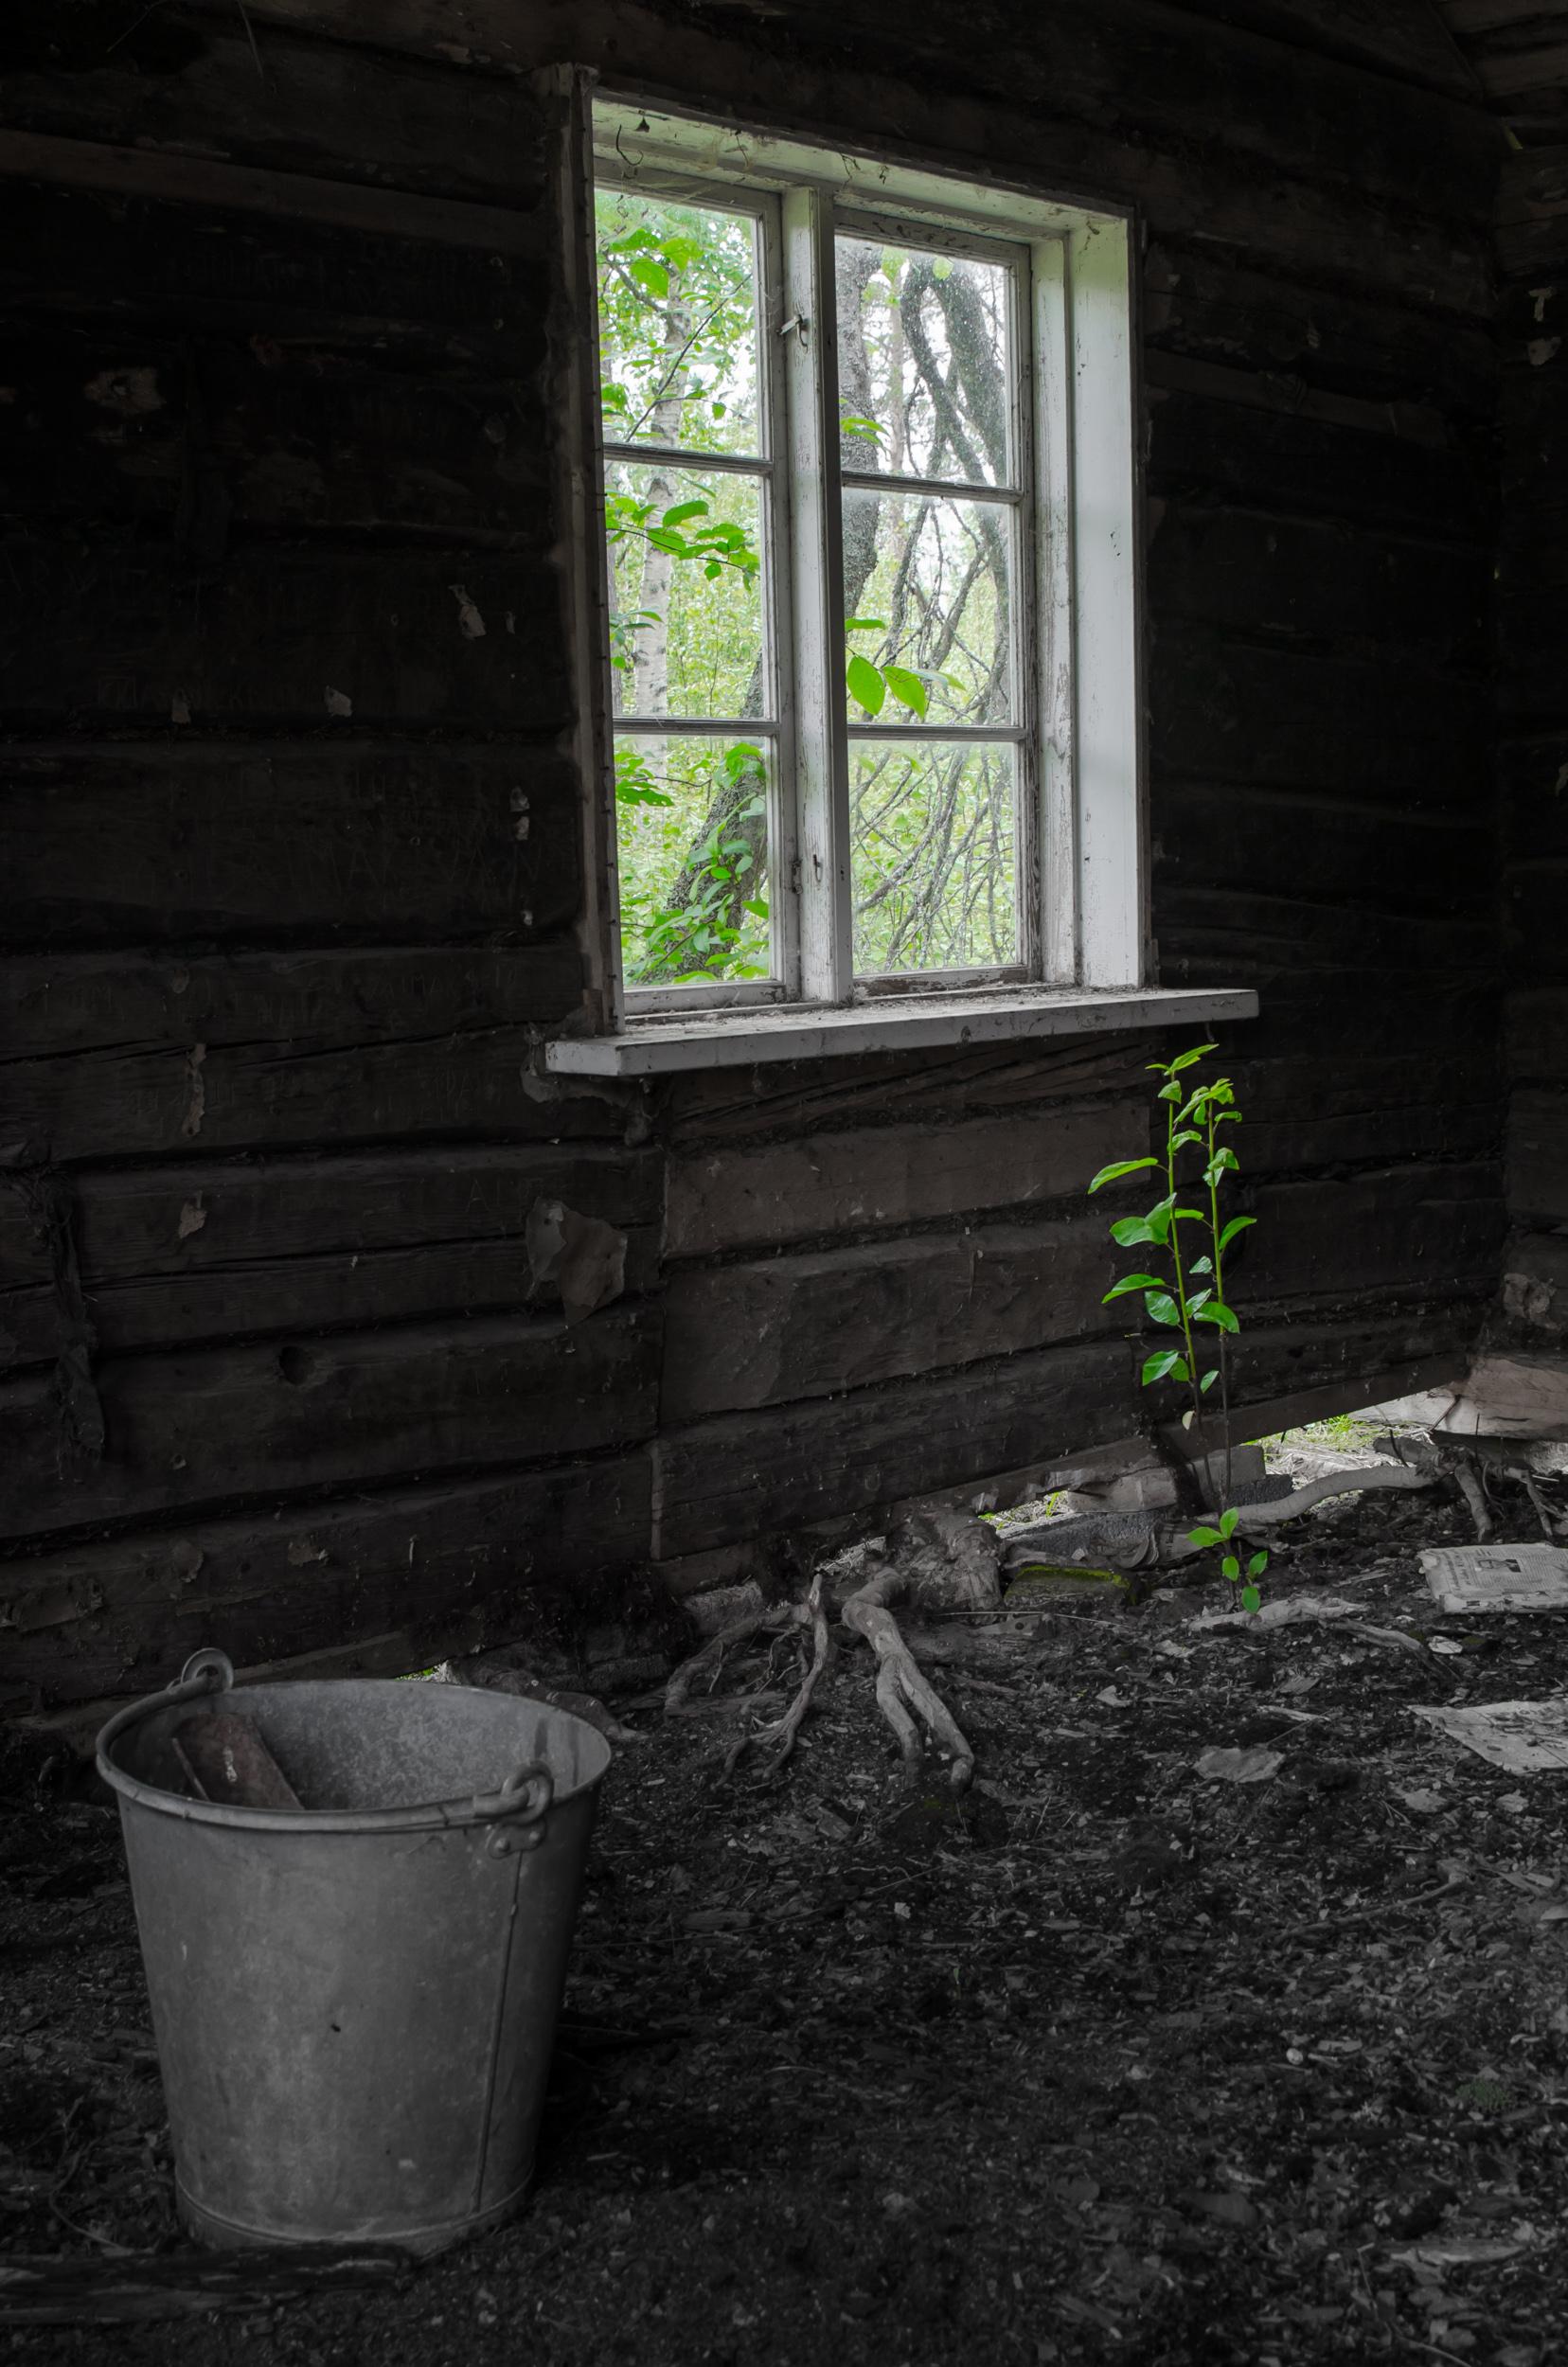 Ödehus i Övertorneå. Jag tycker synd om plantan, den får det tungt i framtiden!